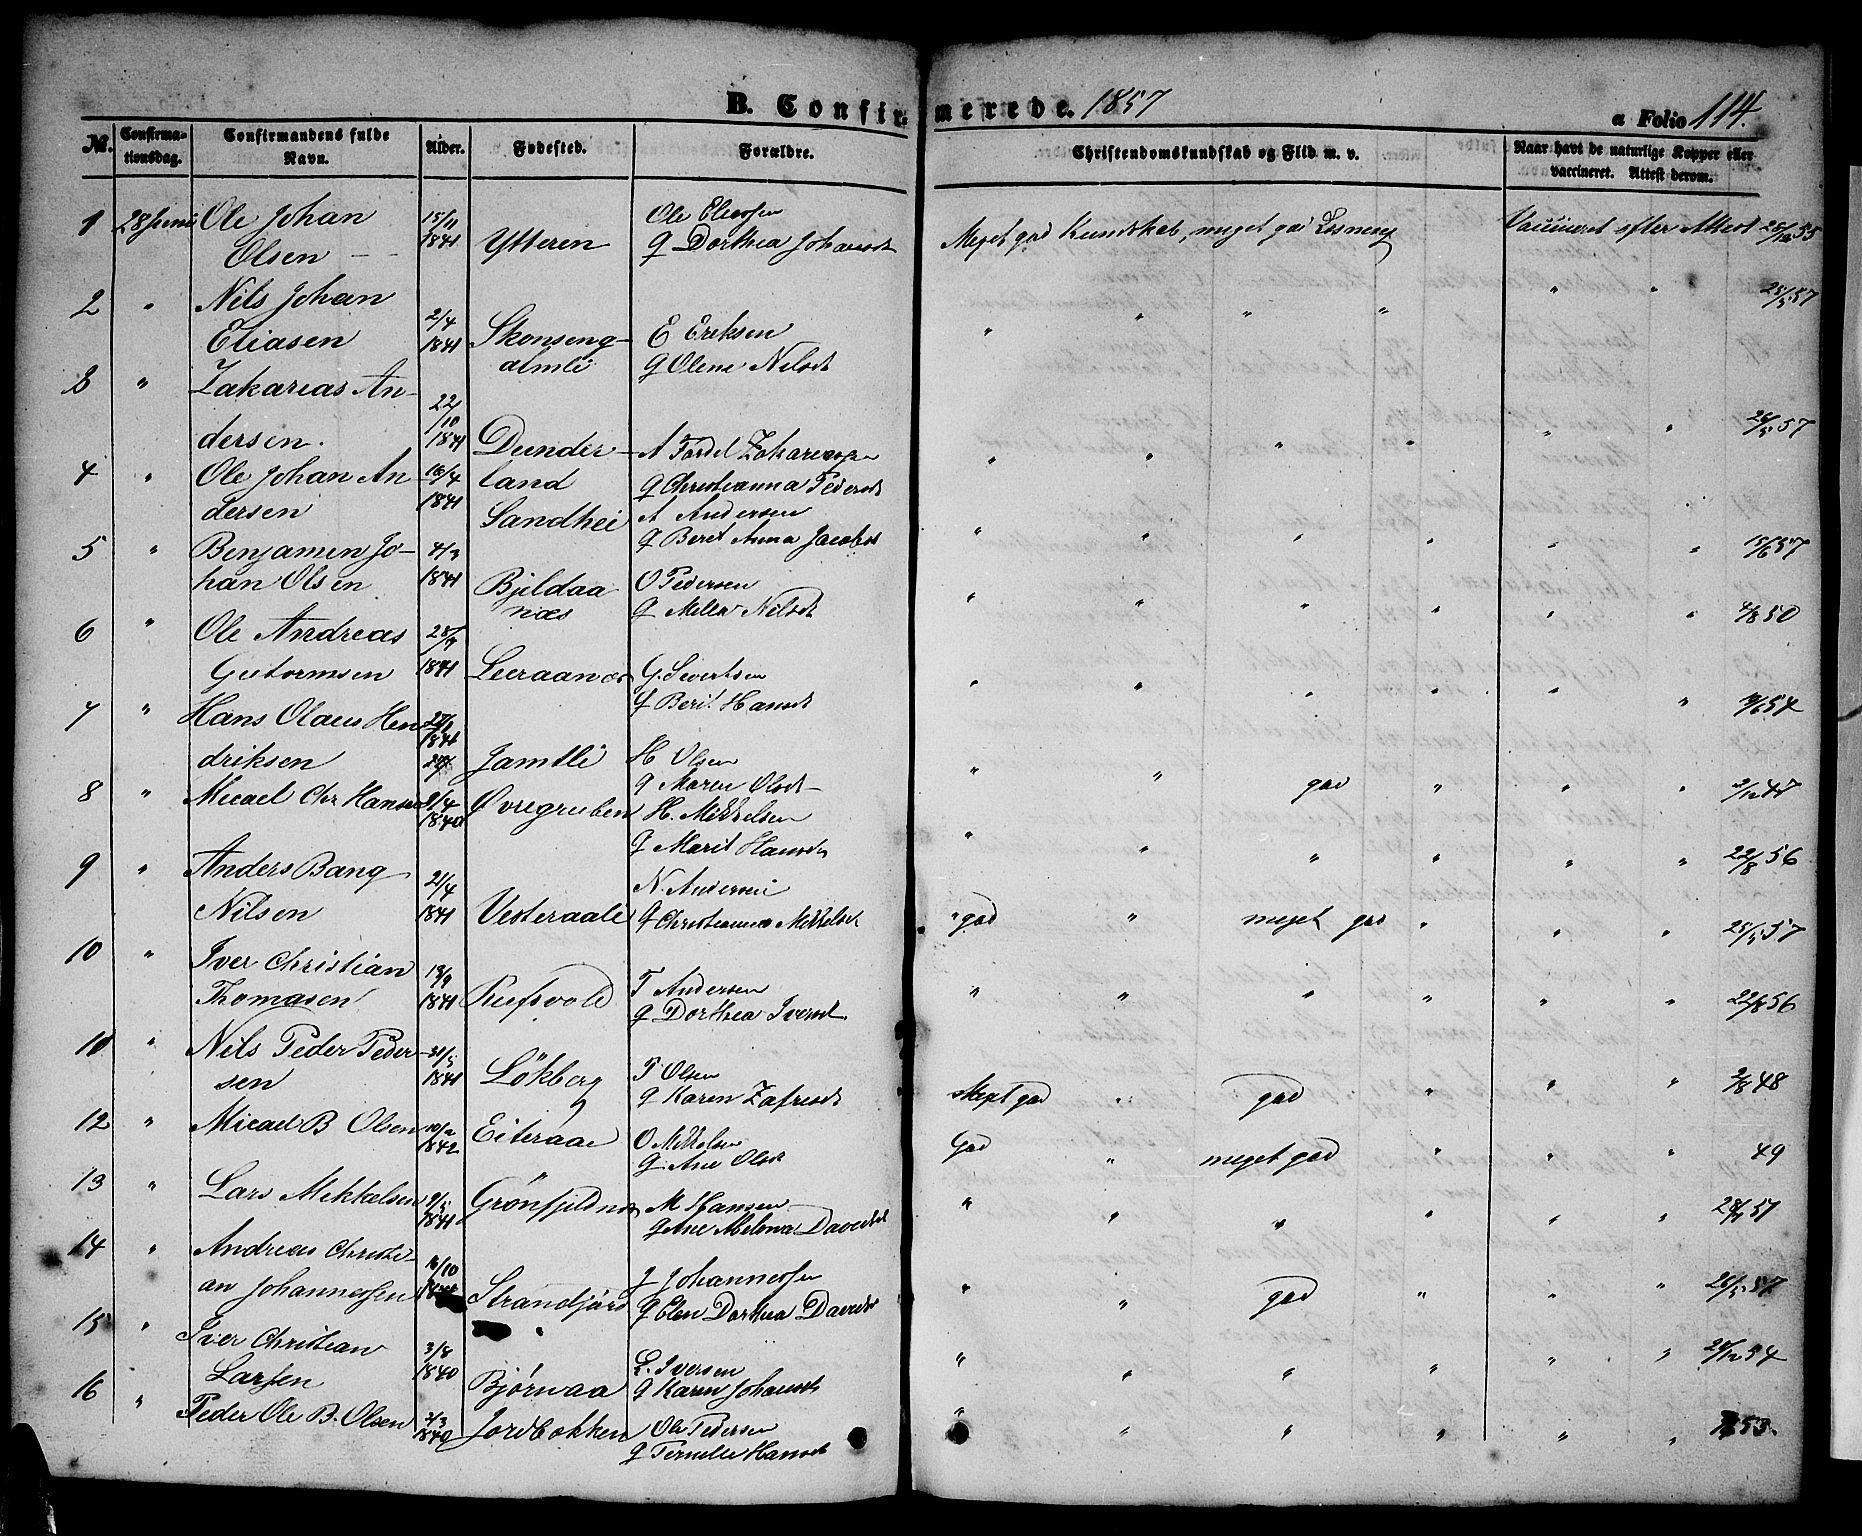 SAT, Ministerialprotokoller, klokkerbøker og fødselsregistre - Nordland, 827/L0414: Parish register (copy) no. 827C03, 1853-1865, p. 114